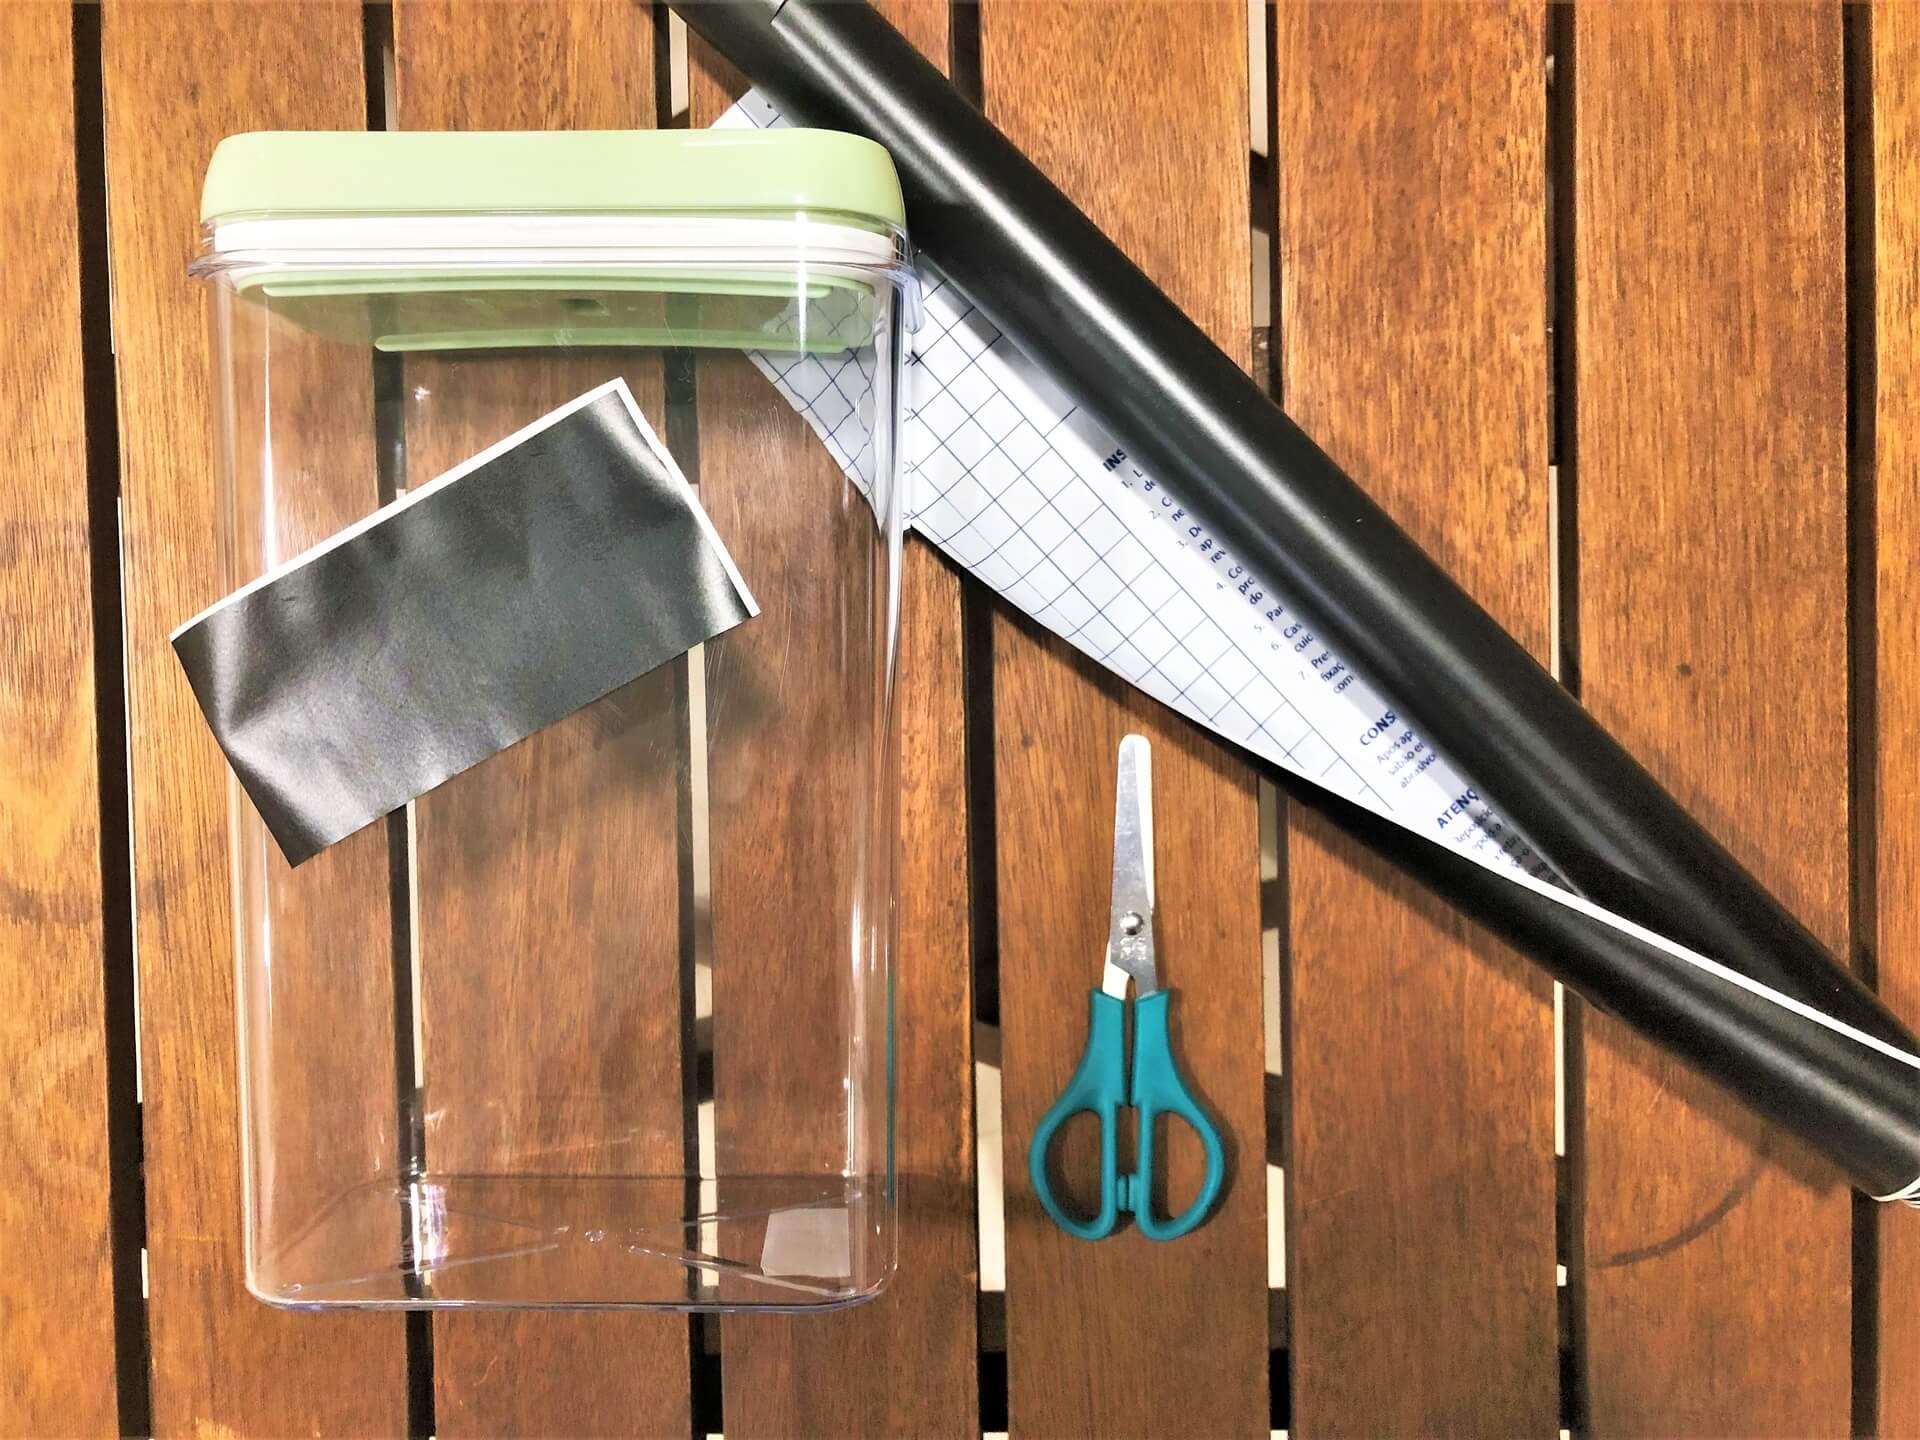 Imagem: materiais que você vai precisa para fazer etiquetas para potes de acrílico. Foto: Arquiteca Projetos Afetivos.